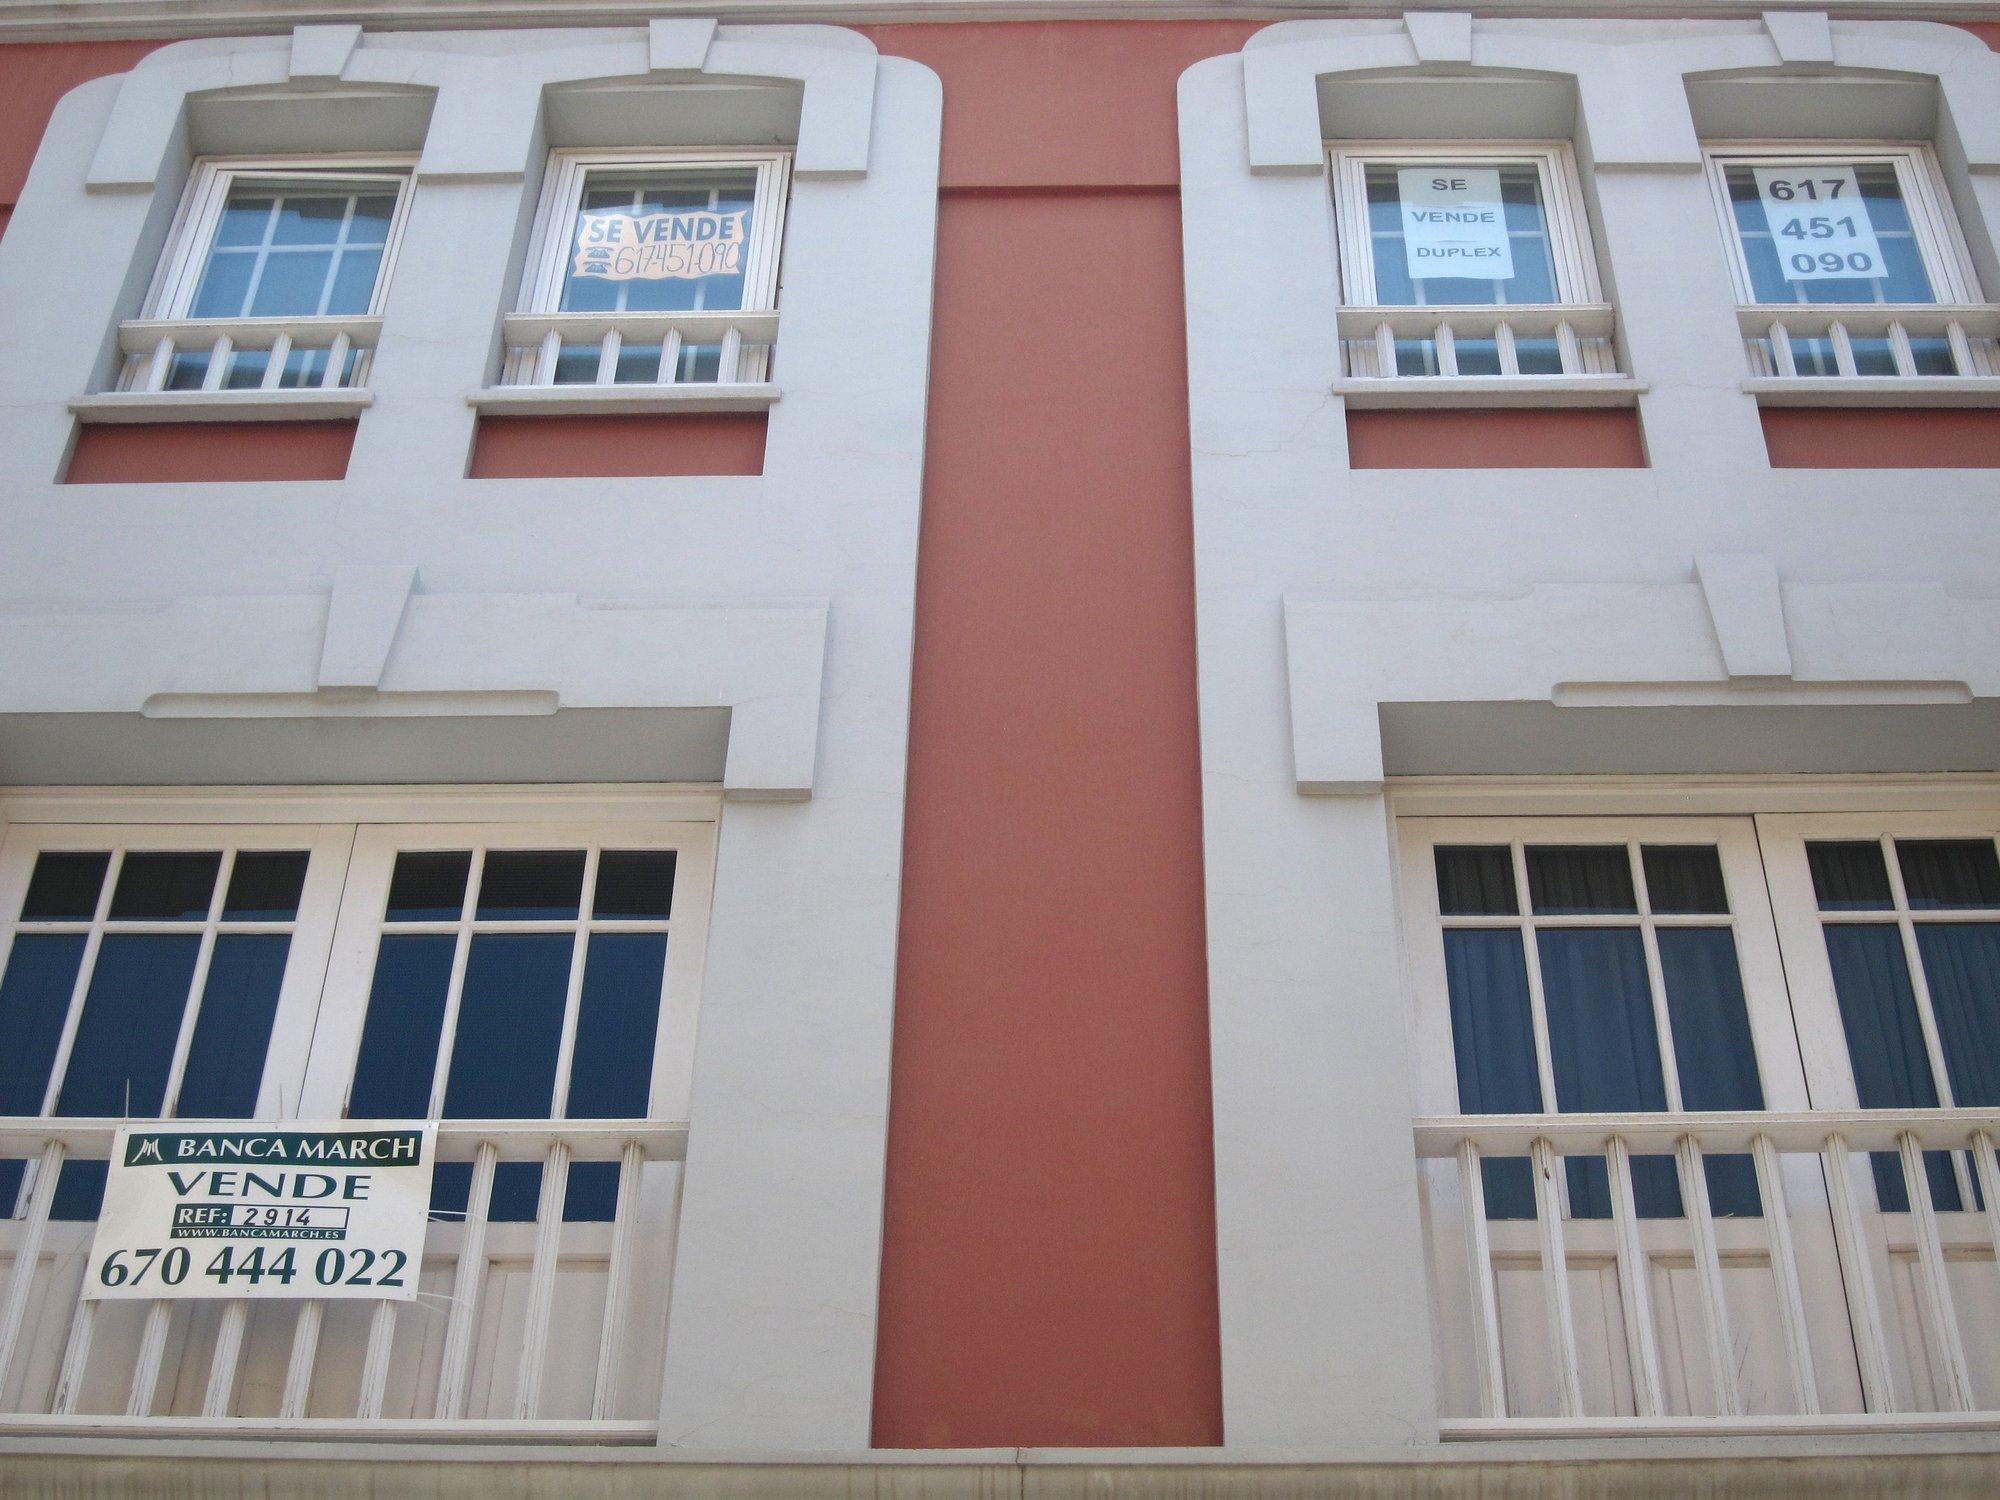 Unos 10.000 jóvenes canarios compran su primera vivienda entre 2009 y 2011